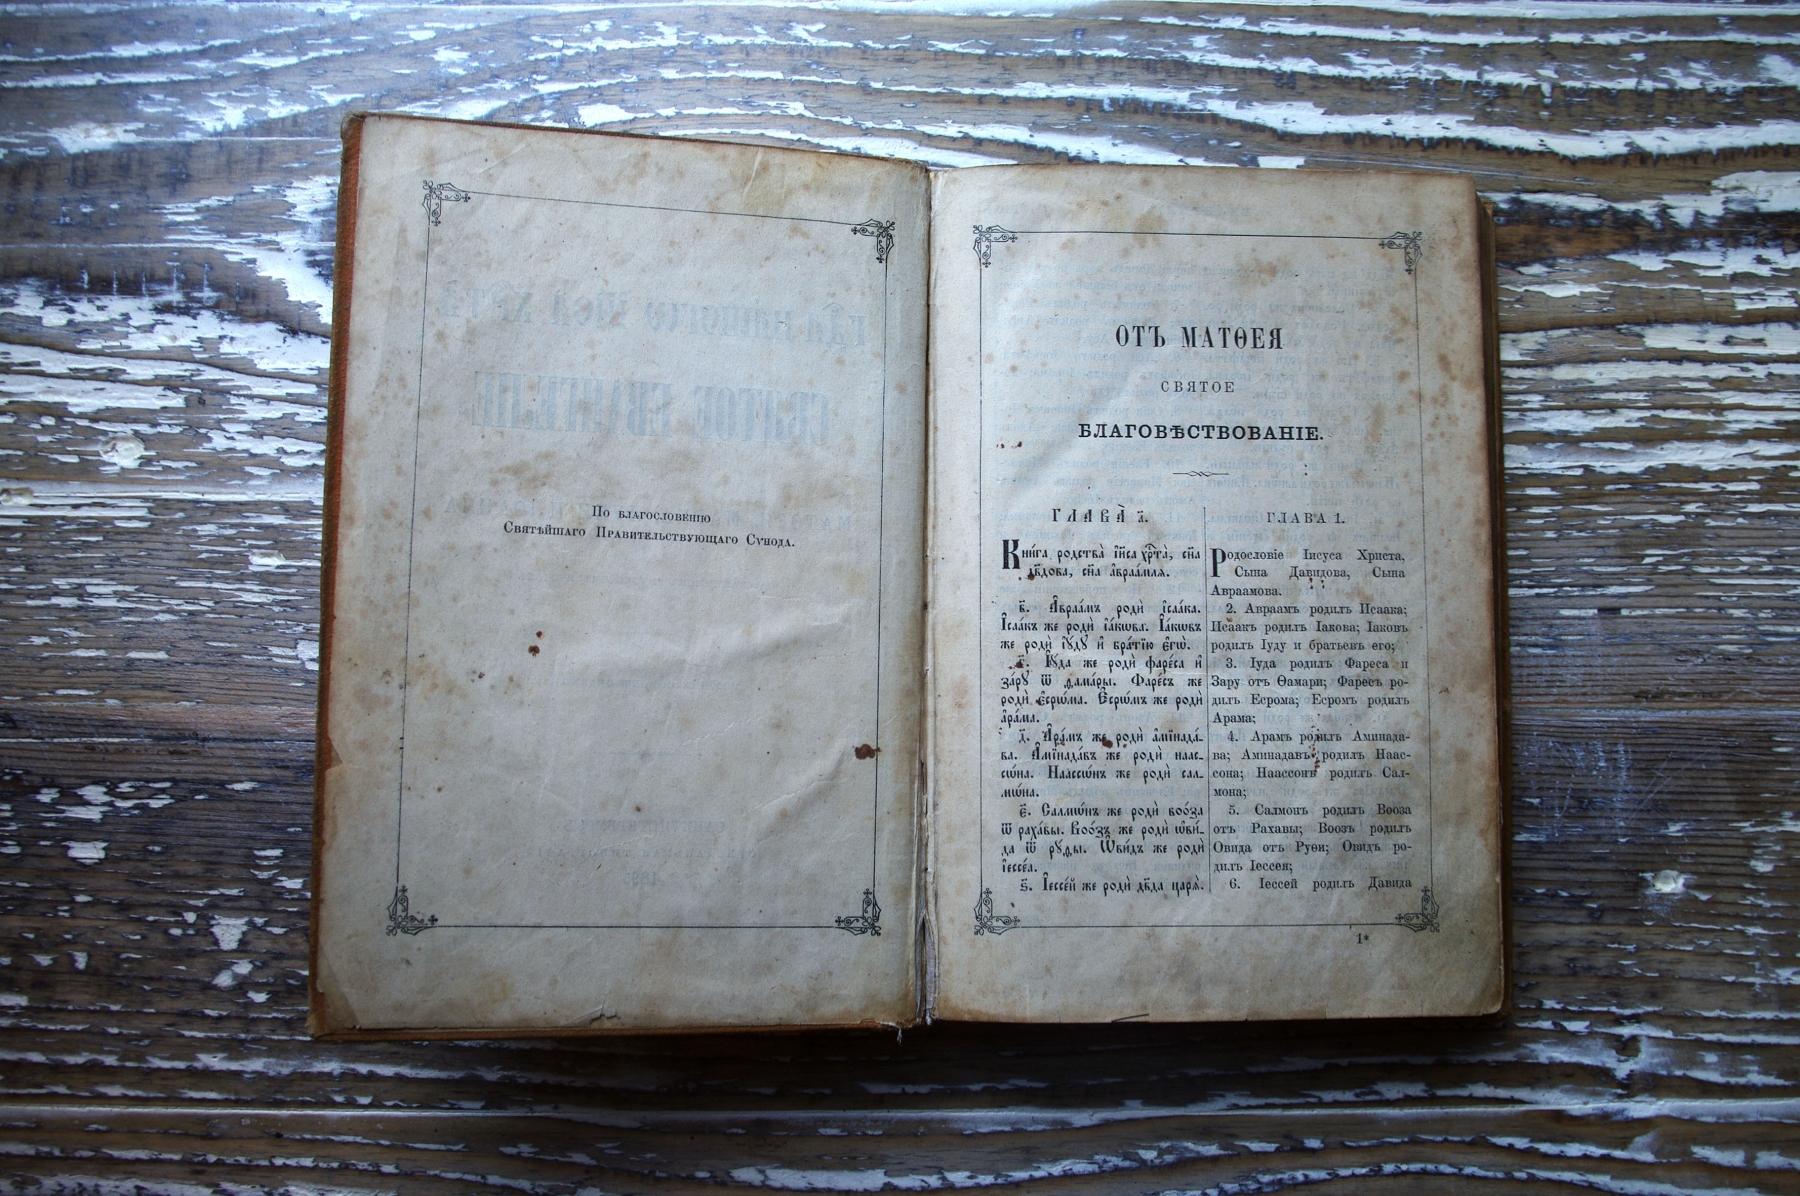 Первый лист Евангелия от Матфея у отреставрированного переплета Евангелия 1895 года издания. На развороте была выполнена заклейка разрыва листов на сгибе тетради.